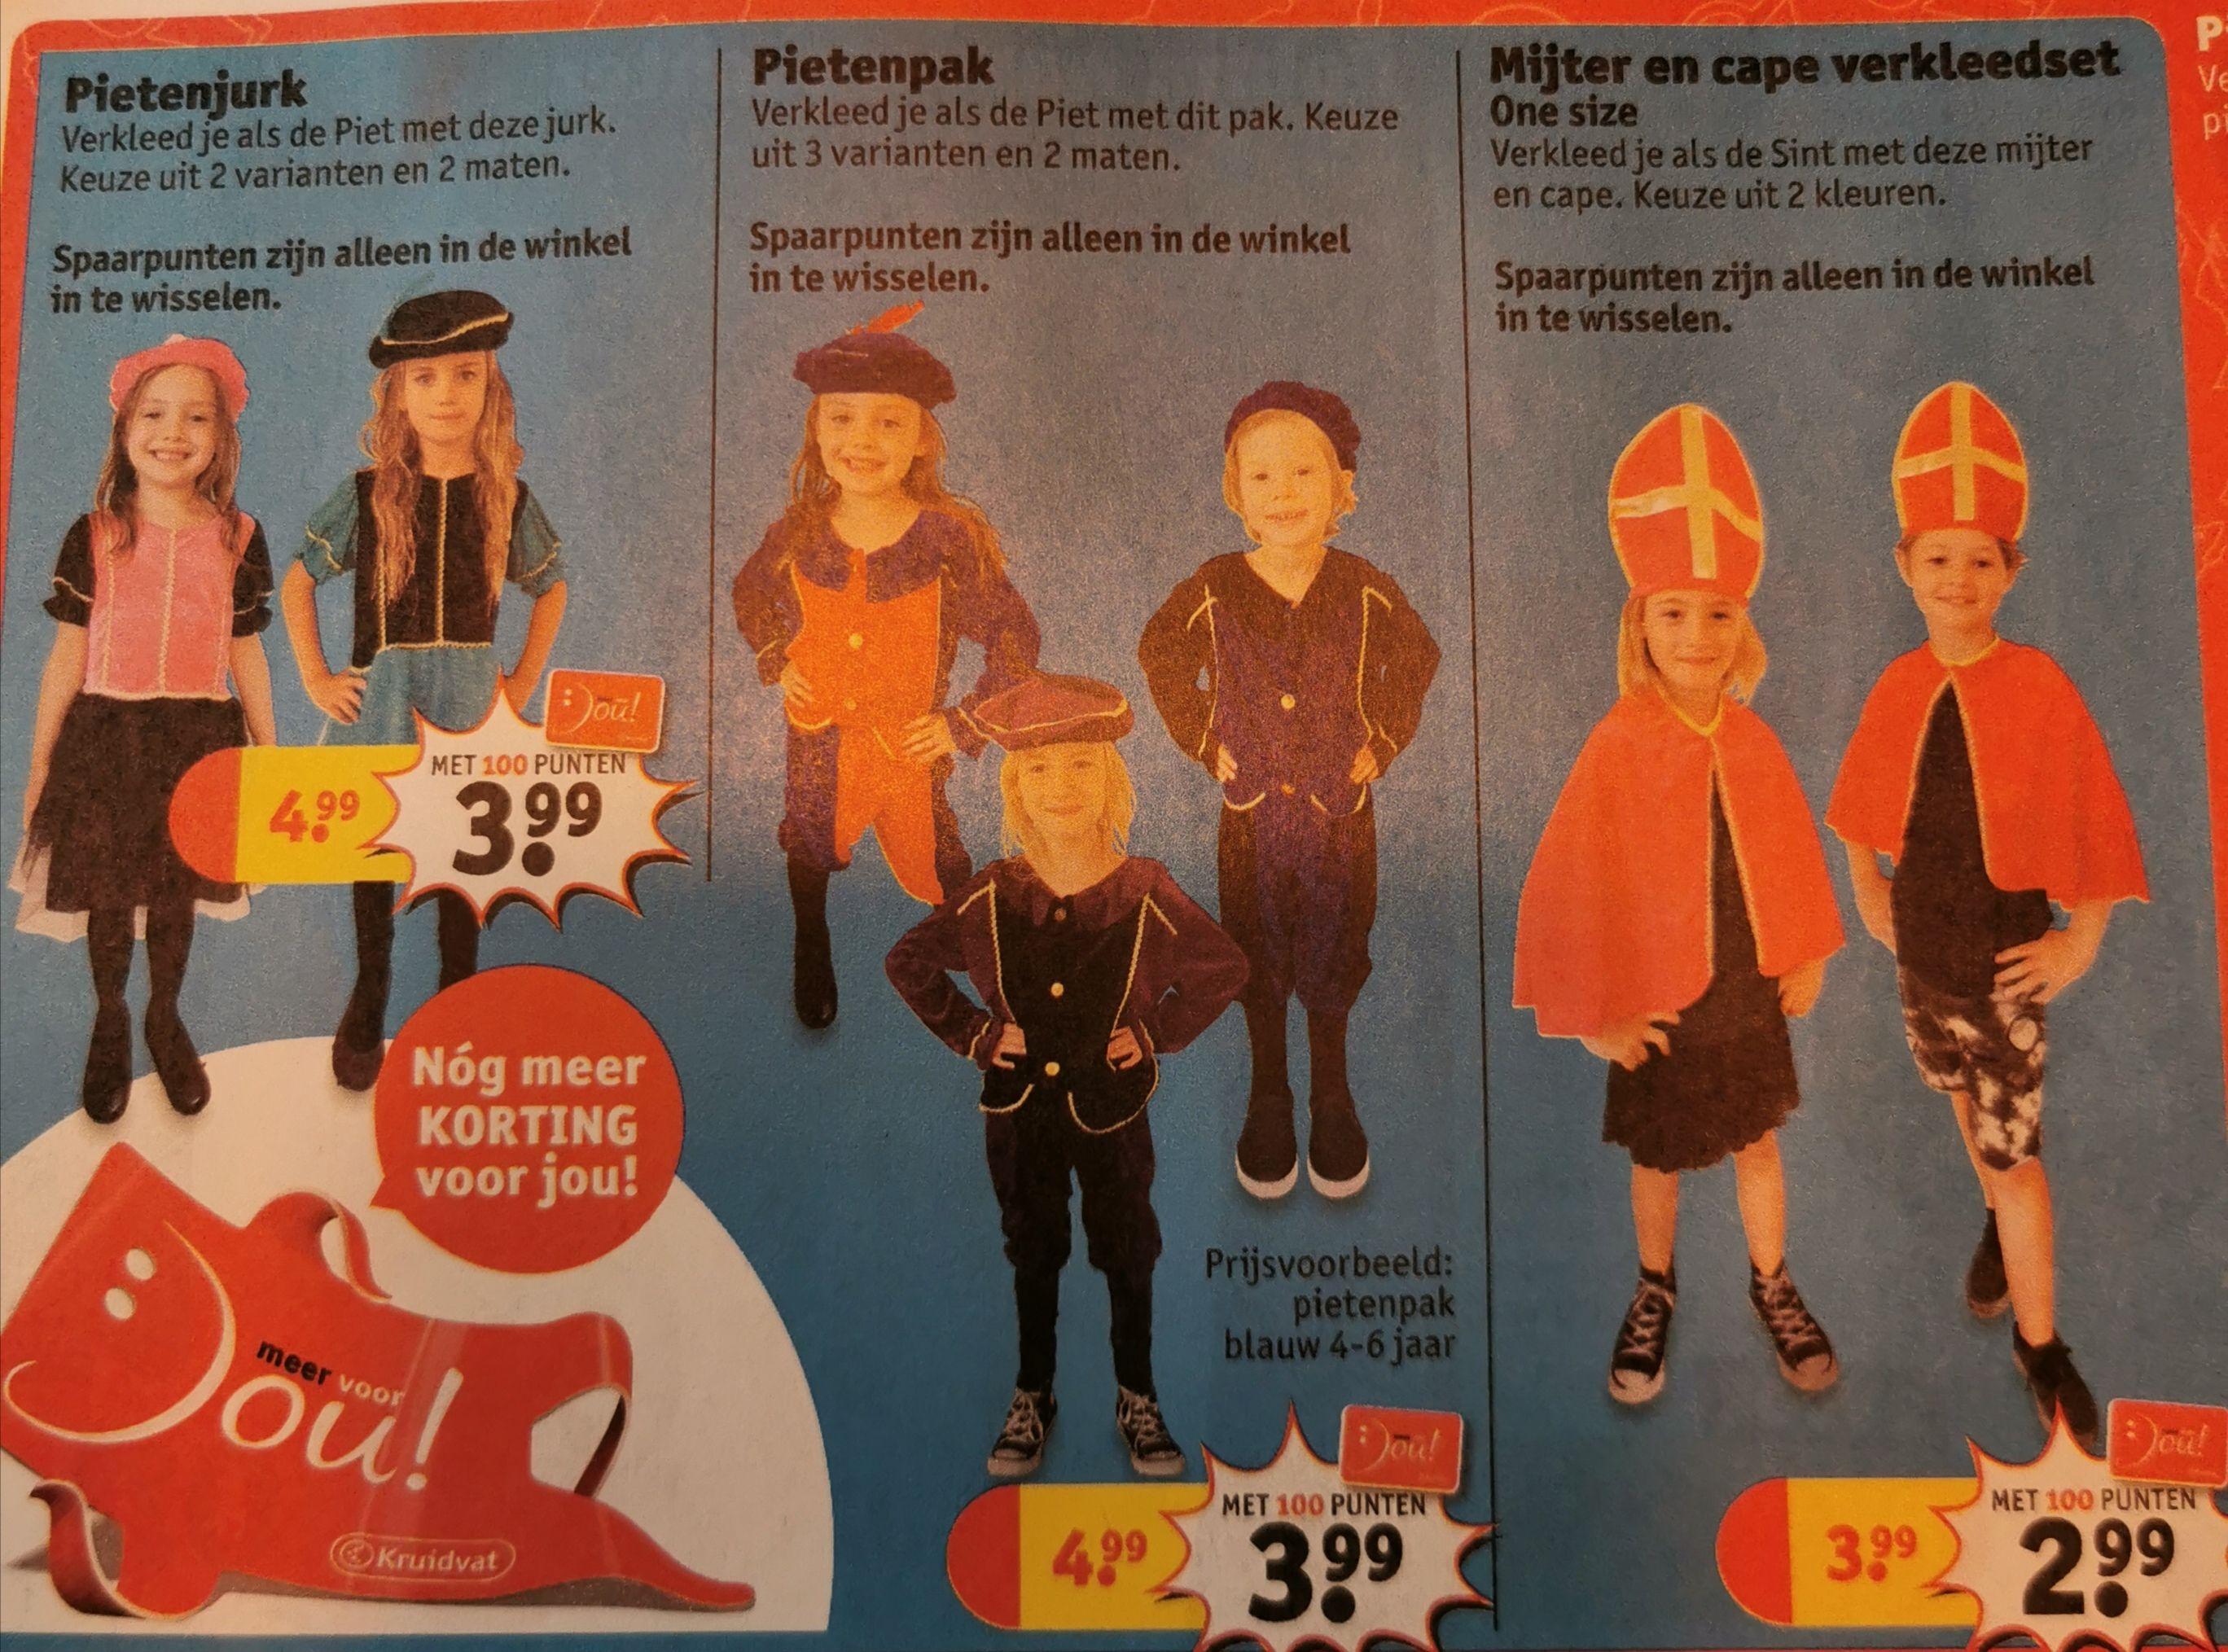 Pietenpak + andere Sint verkleedkleren in 2 verschillende maten @ Kruidvat